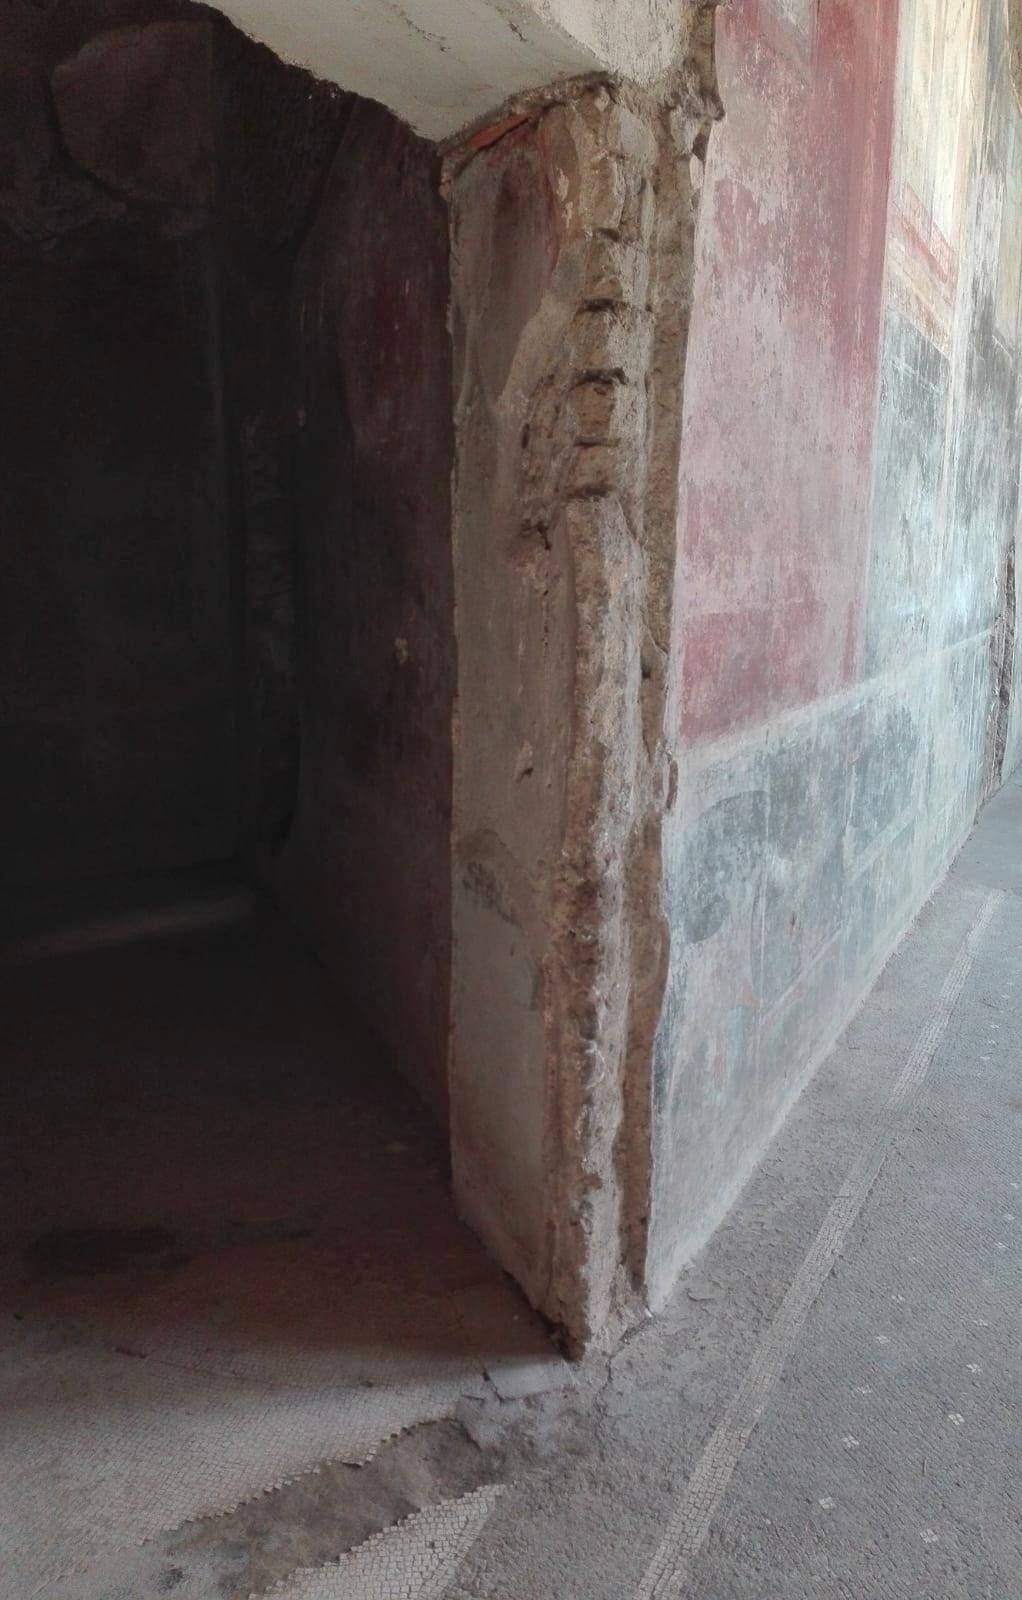 ingresso LAtrina a 45 gradi in villa San MArco di Stabia .NA. foto G. Ascione